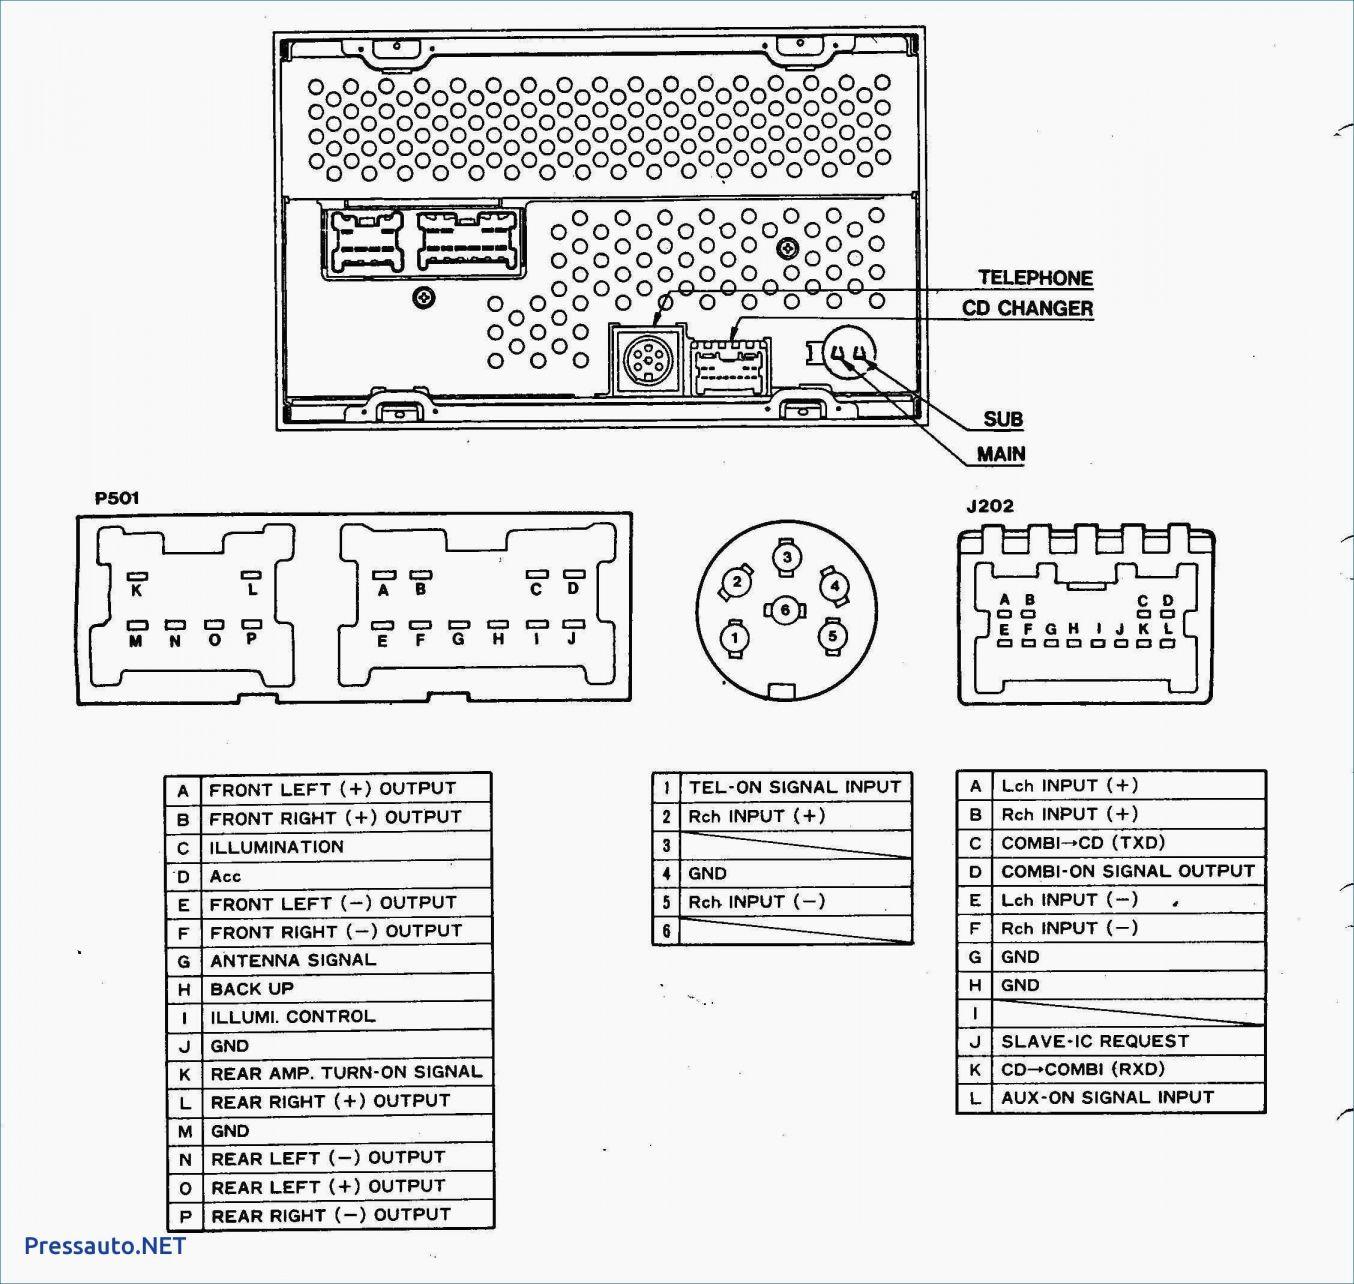 18 2003 Chevy Truck Radio Wiring Diagram Truck Diagram Wiringg Net Nissan Altima Nissan Versa Nissan